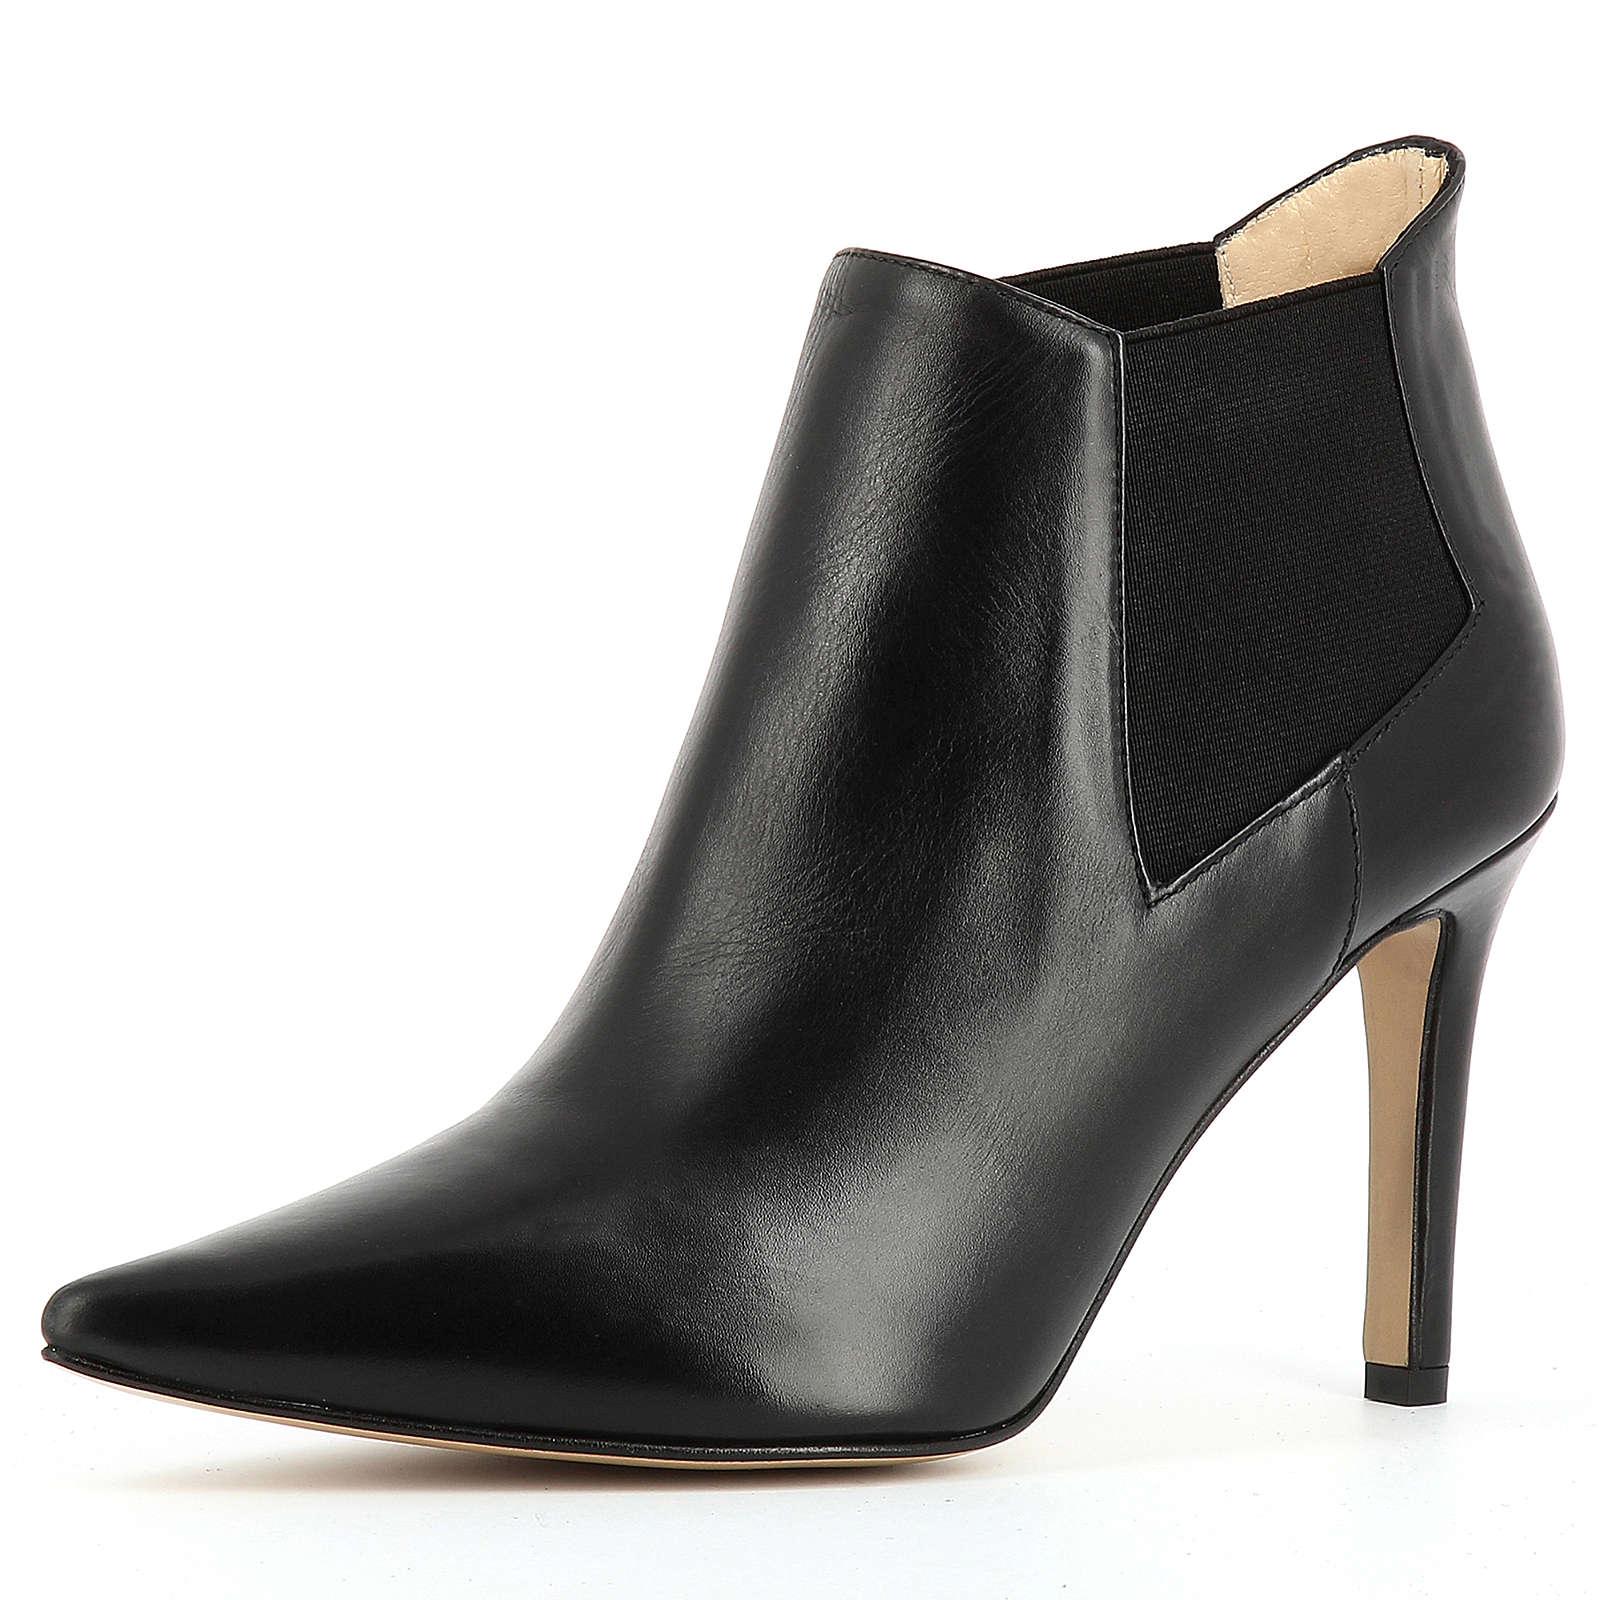 Evita Shoes Stiefeletten schwarz Damen Gr. 36